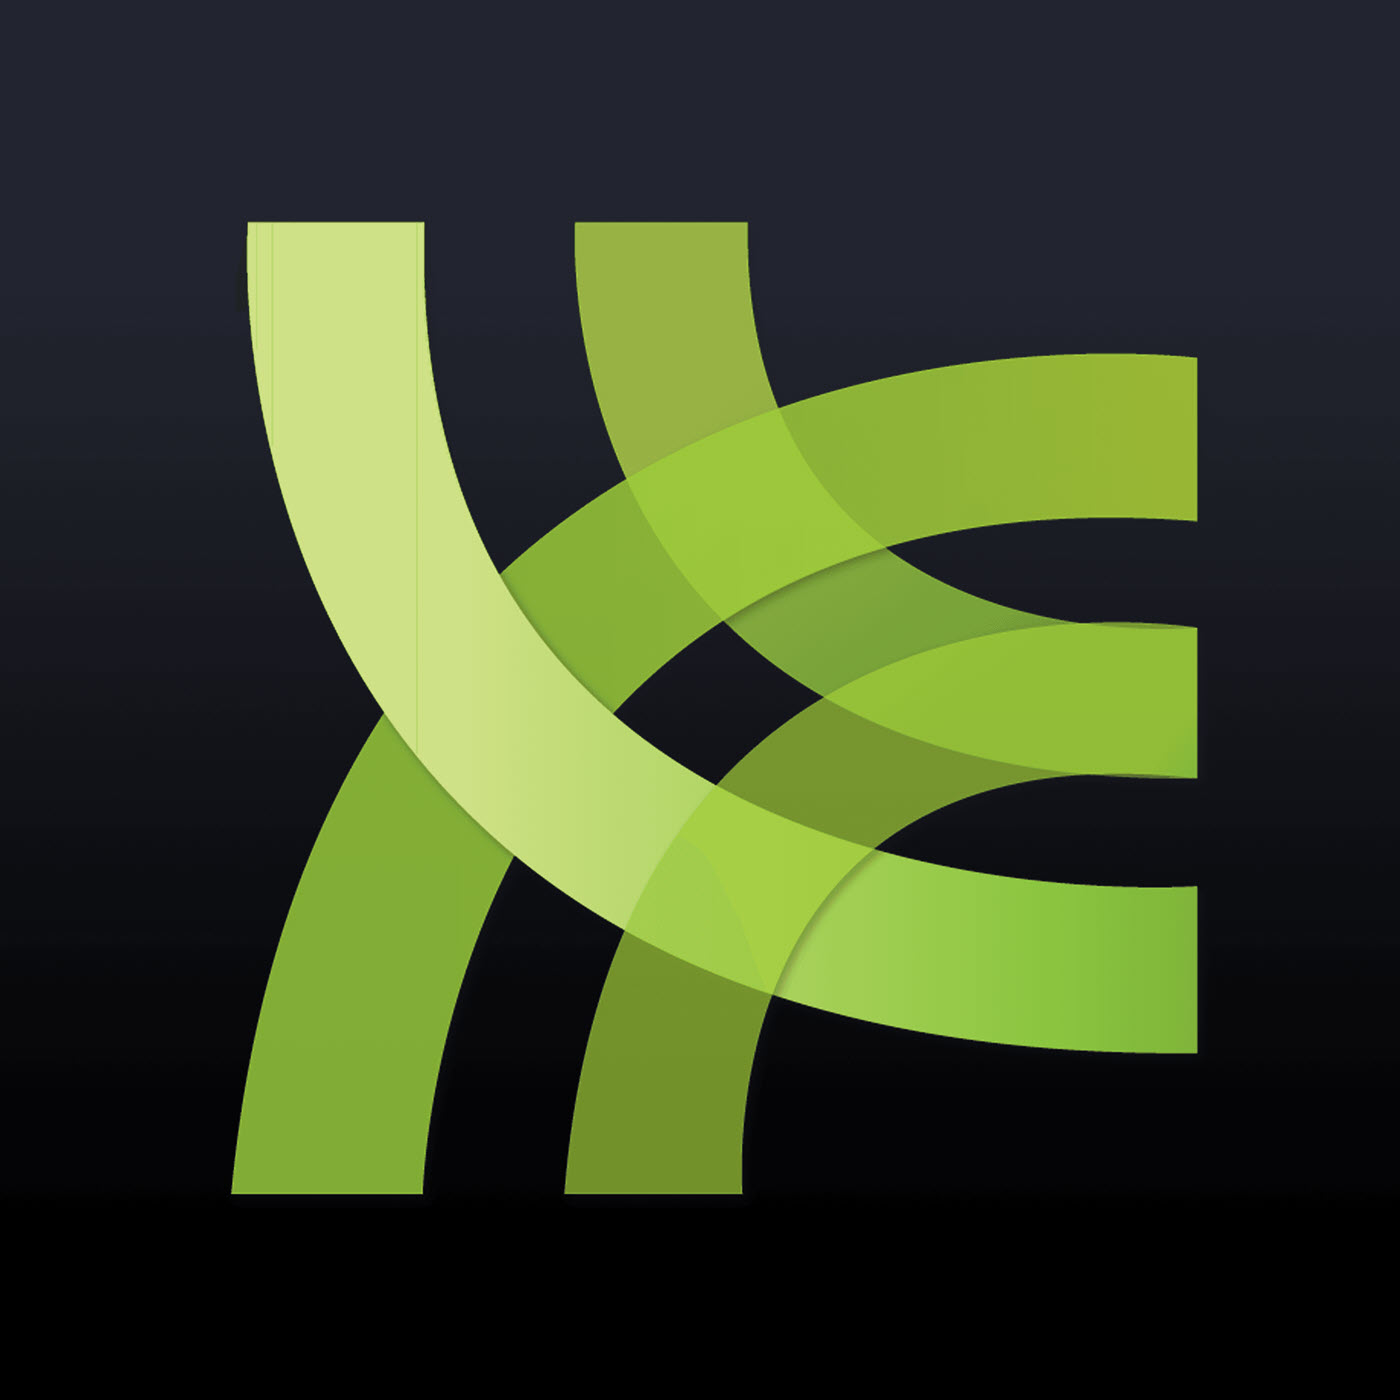 fss-logo-oval-color-small